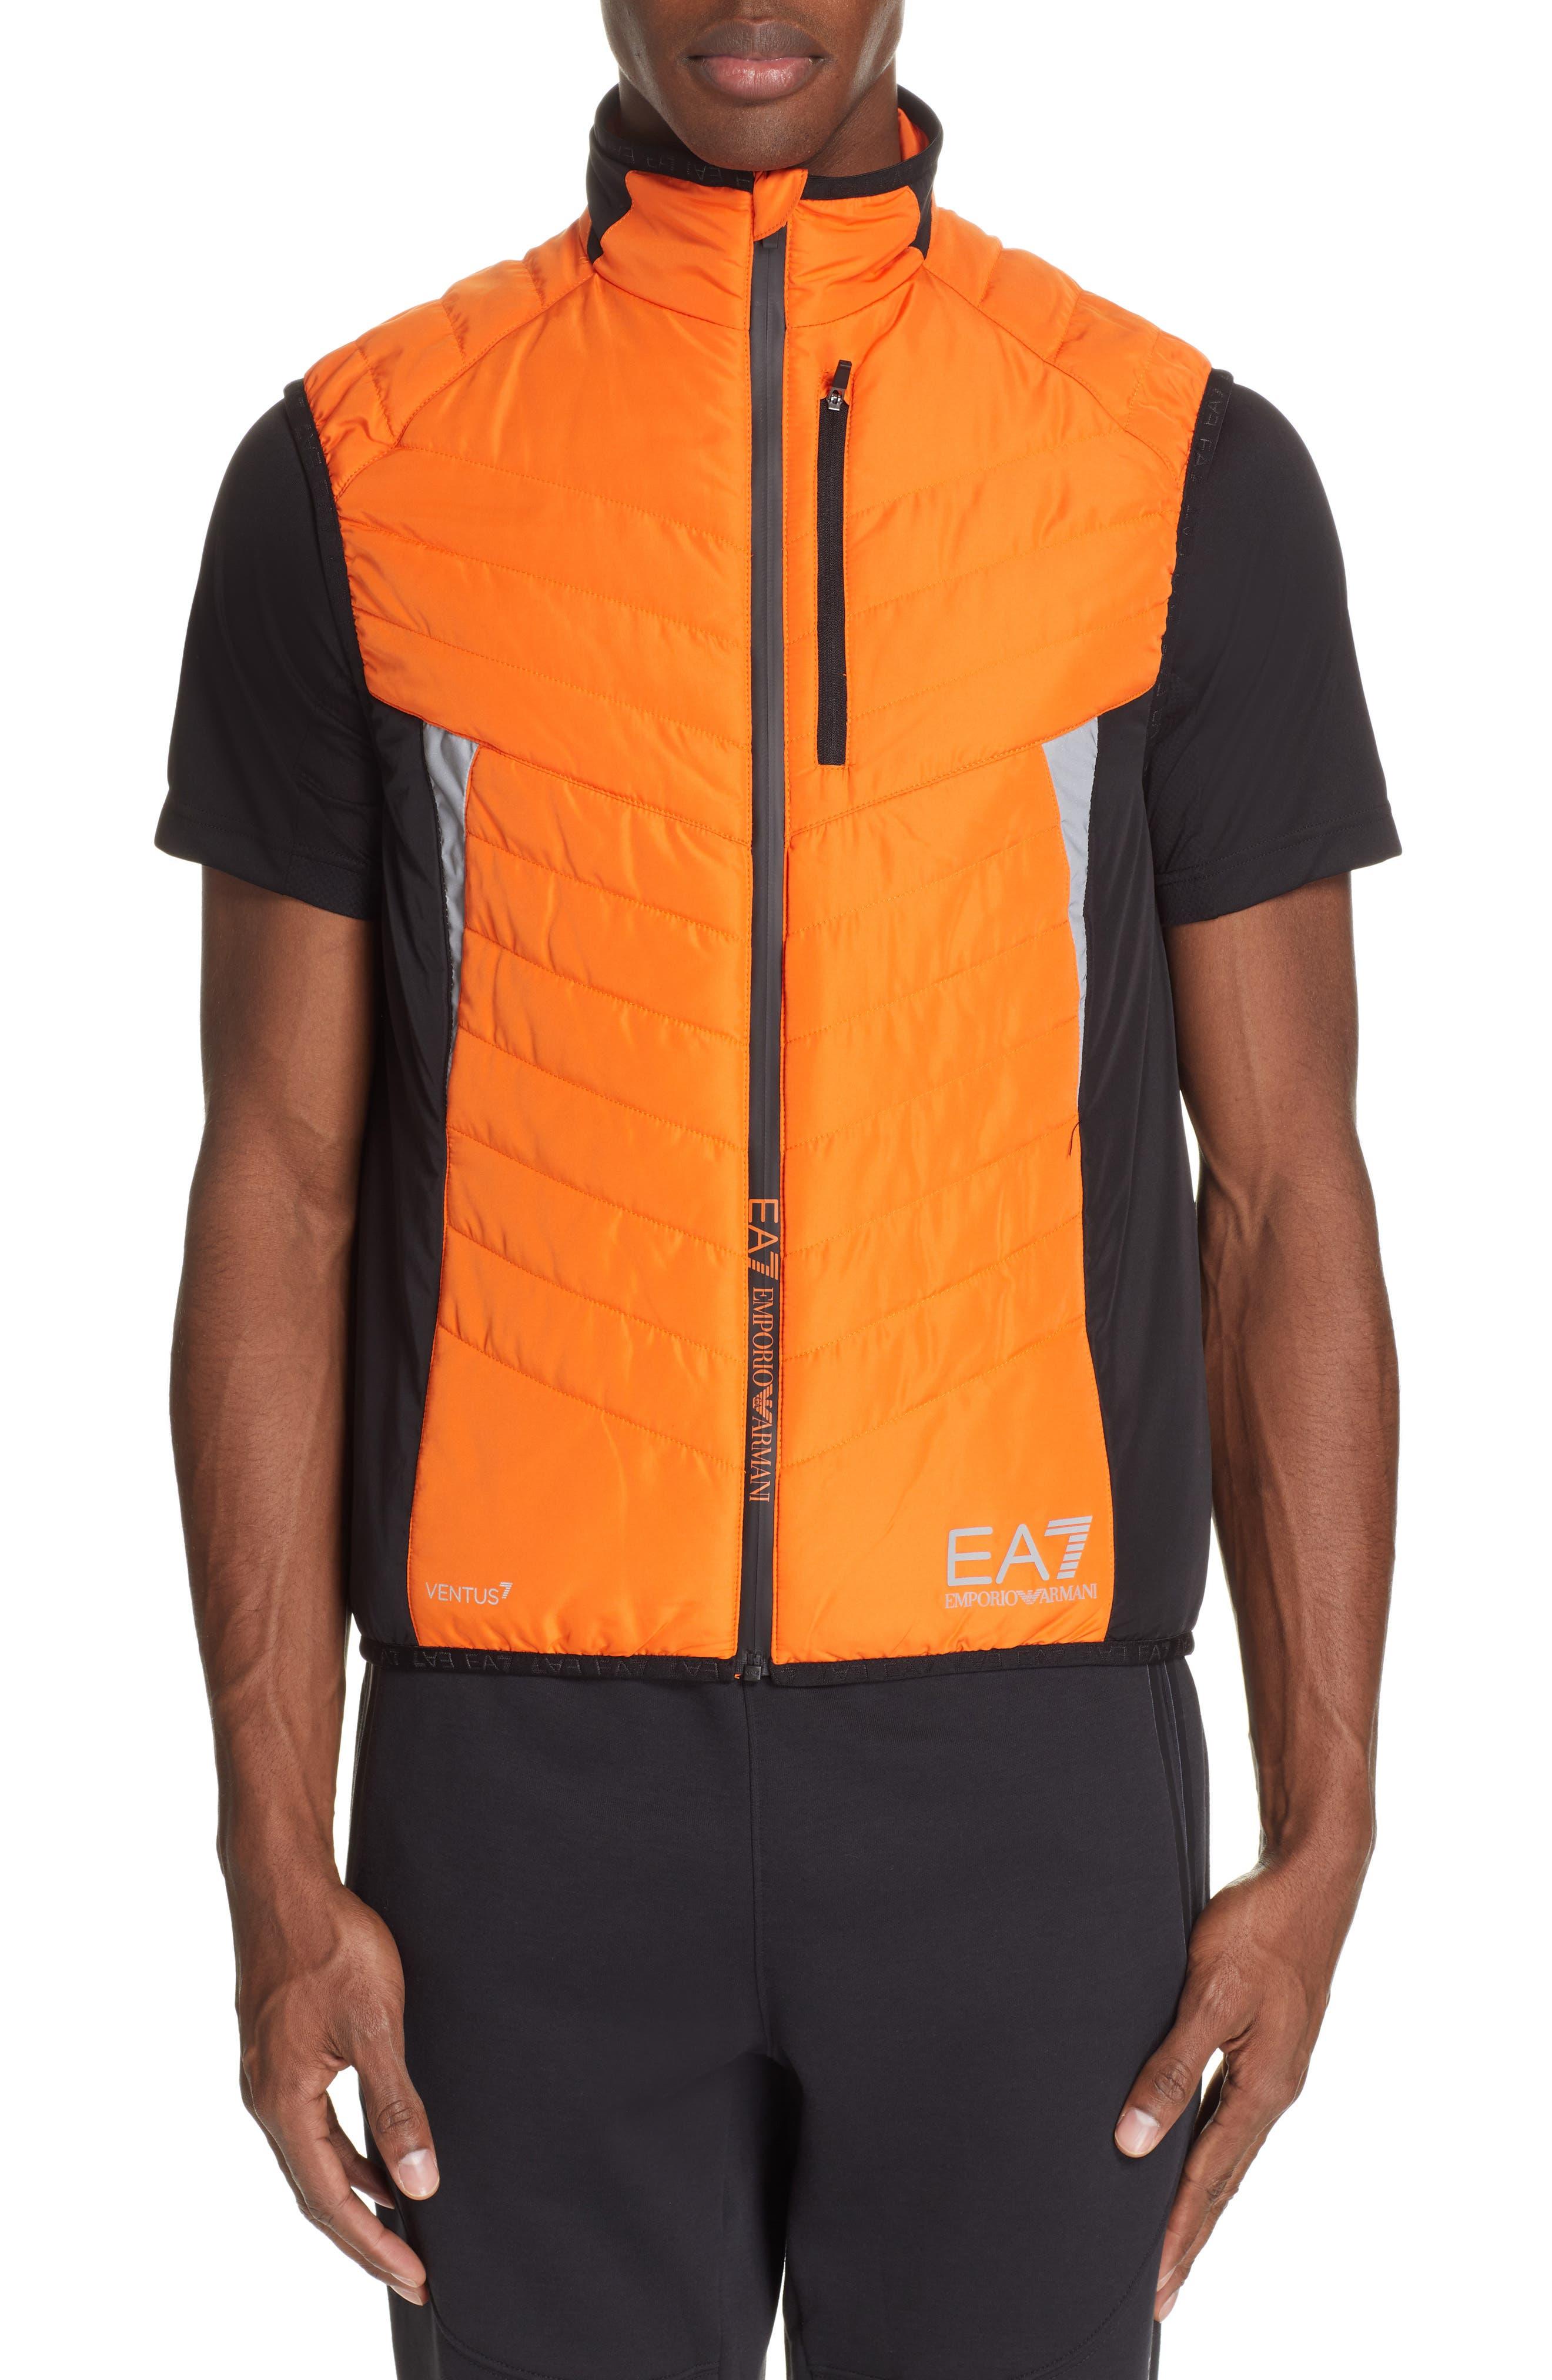 Ea7 Poppy Water Resistant Vest, Yellow